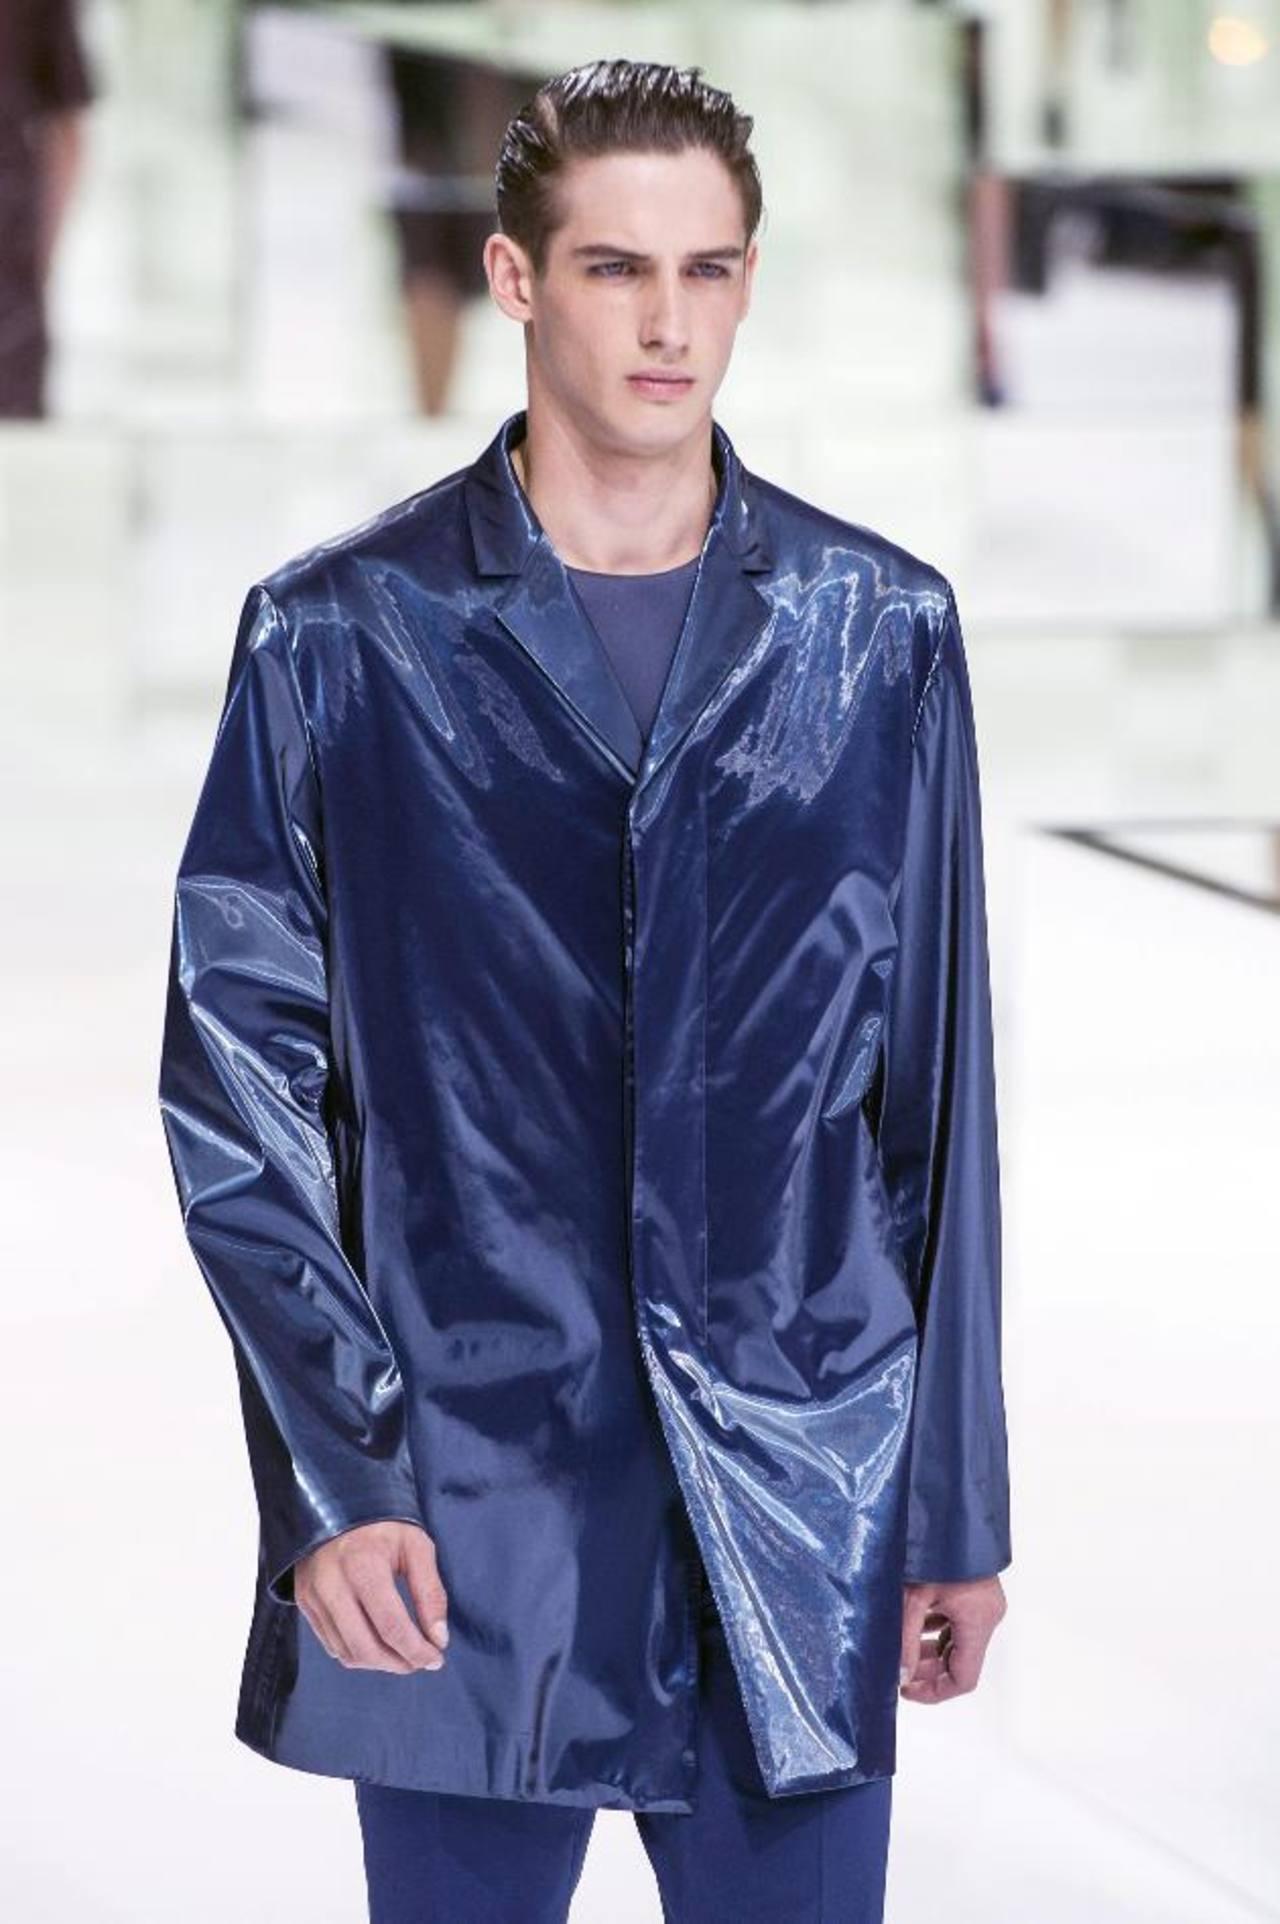 Los tratamientos han salvado a 20 millones de personas en todo el mundo. Creación del diseñador belga Kris Van Assche para la firma Dior Homme. foto EDH